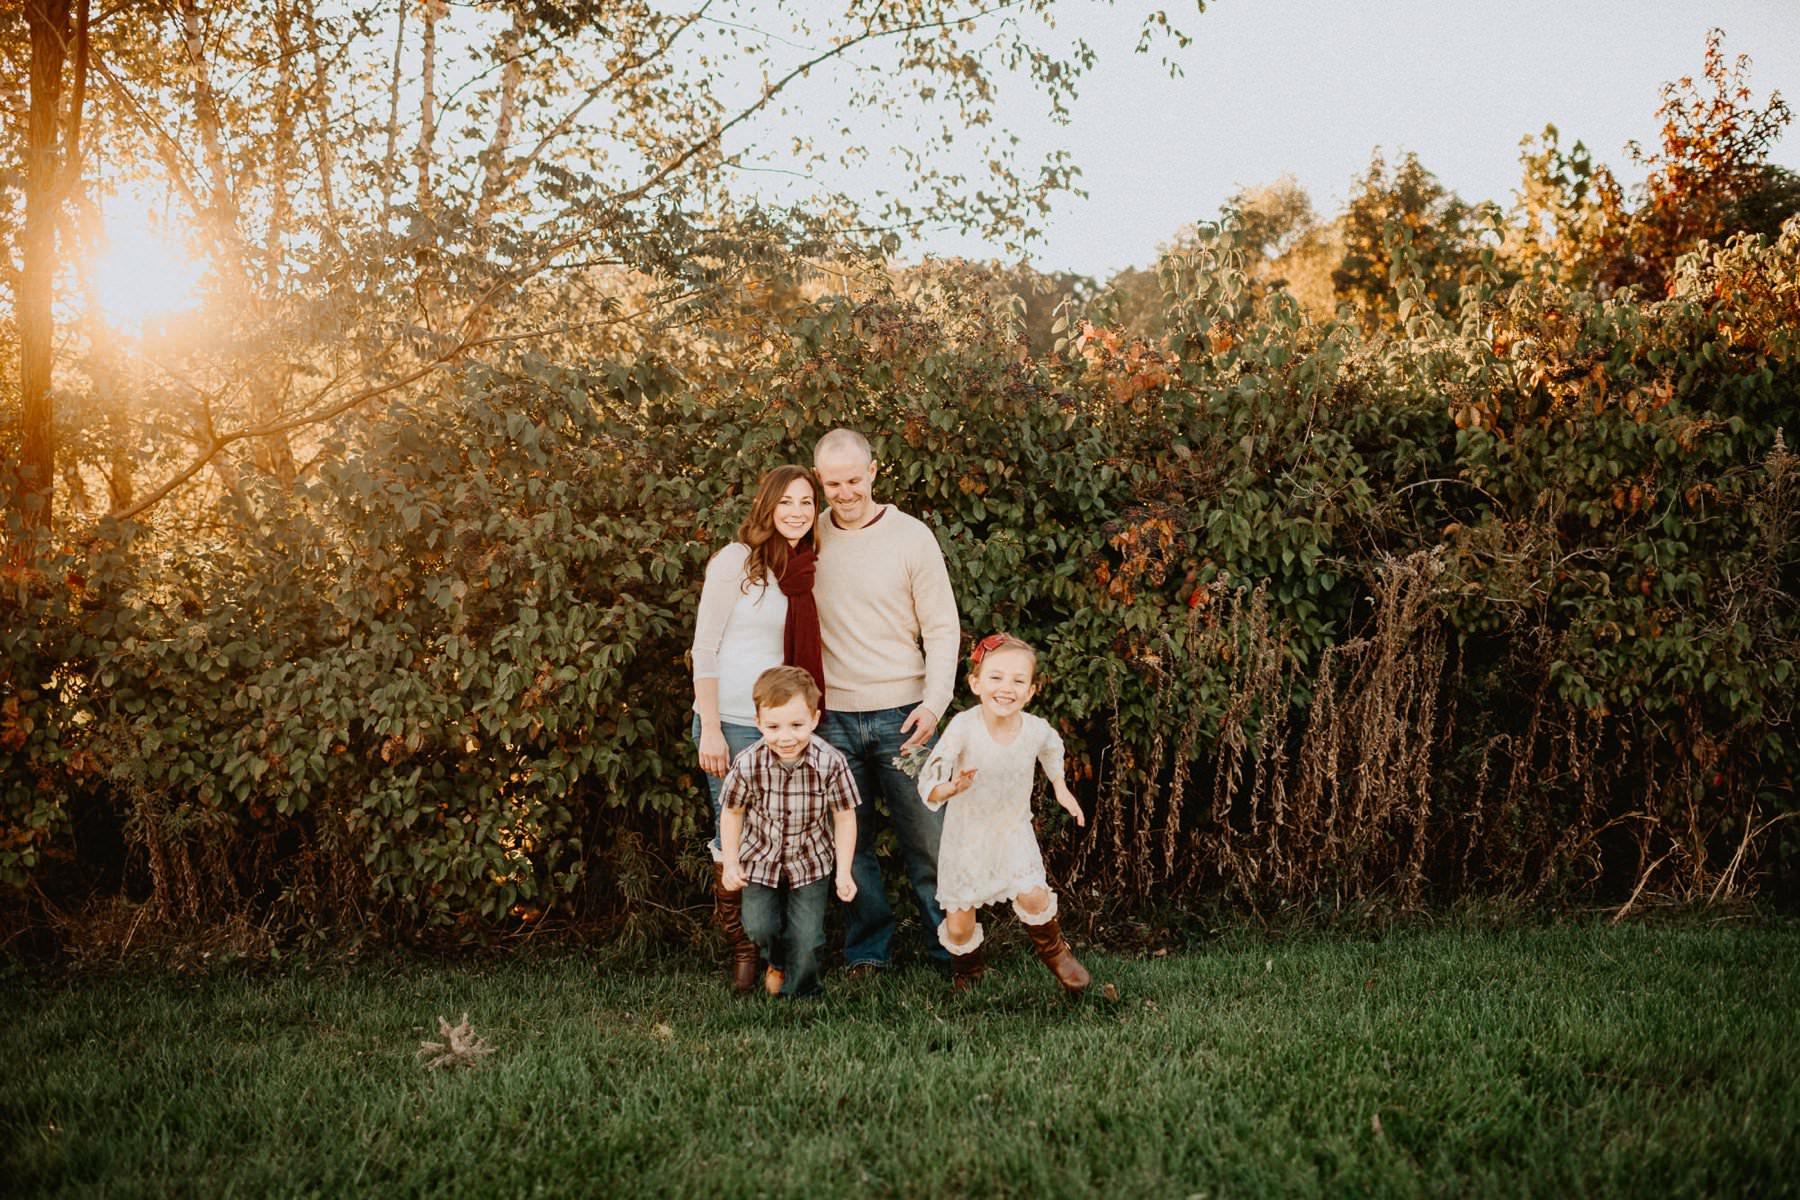 Delaware-family-photographer-36.jpg